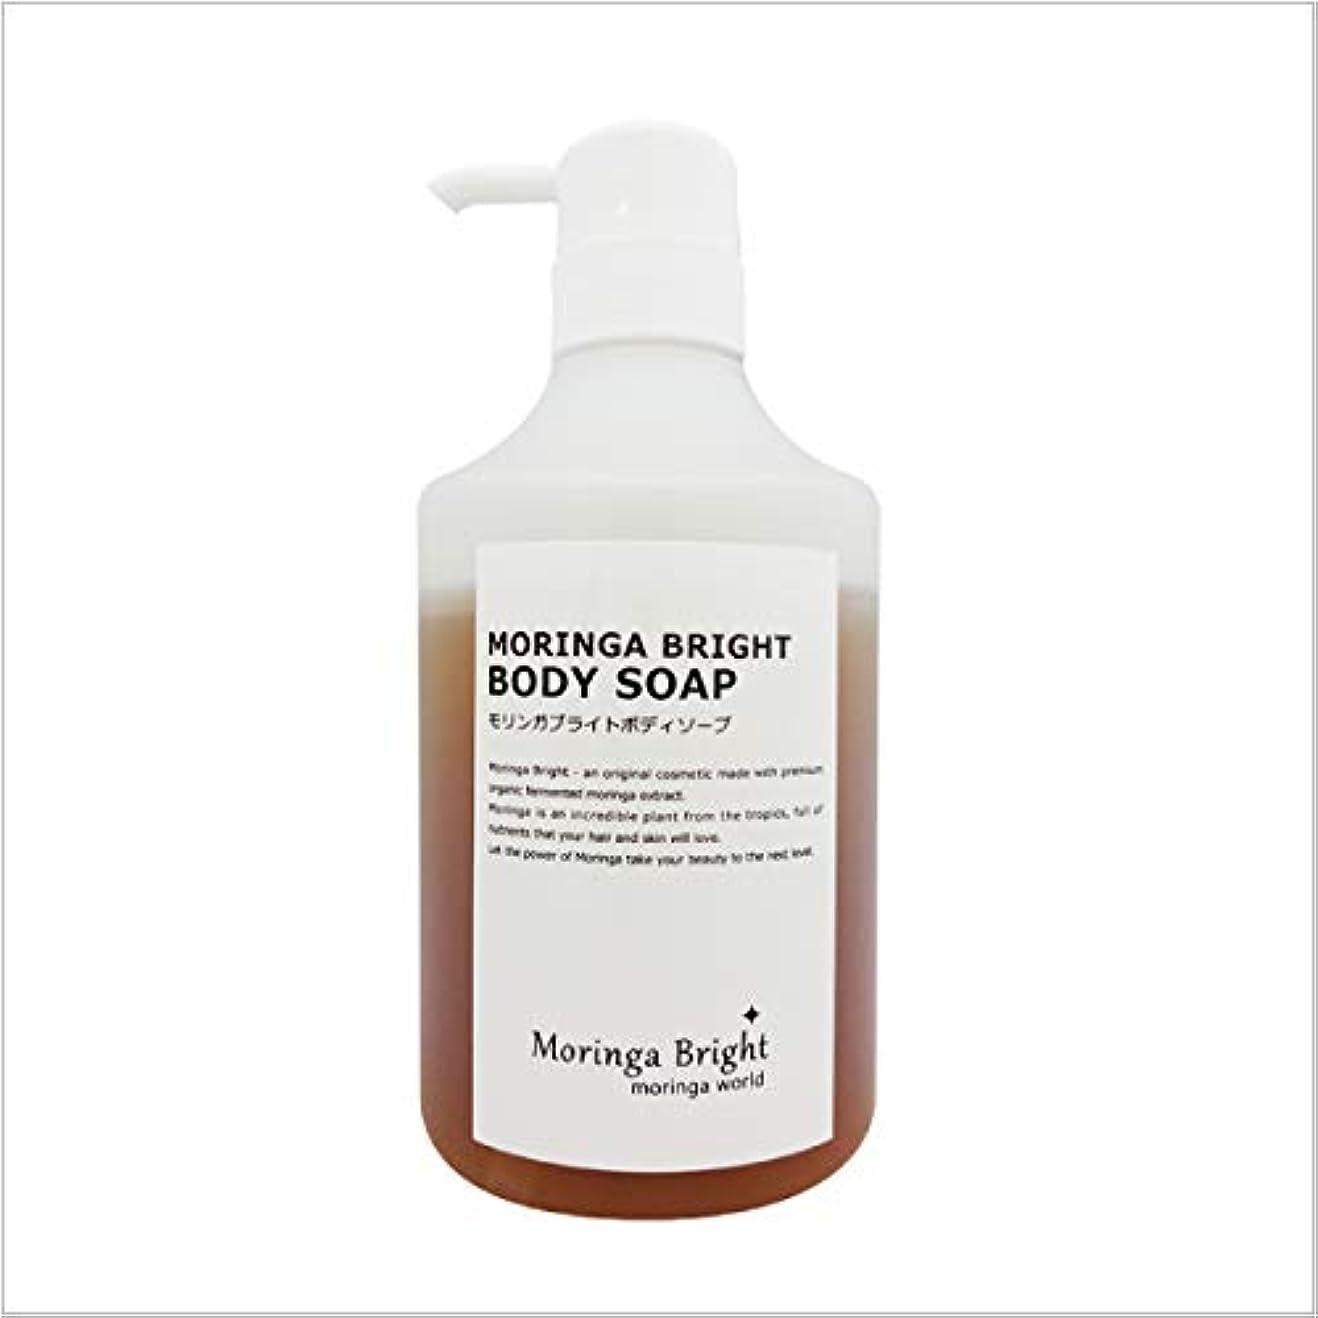 愚かな上級正確にモリンガブライトボディソープ450ml 最上級の無添加ボディ&洗顔ソープ 国内初の保湿美容成分『発酵モリンガエキス』配合